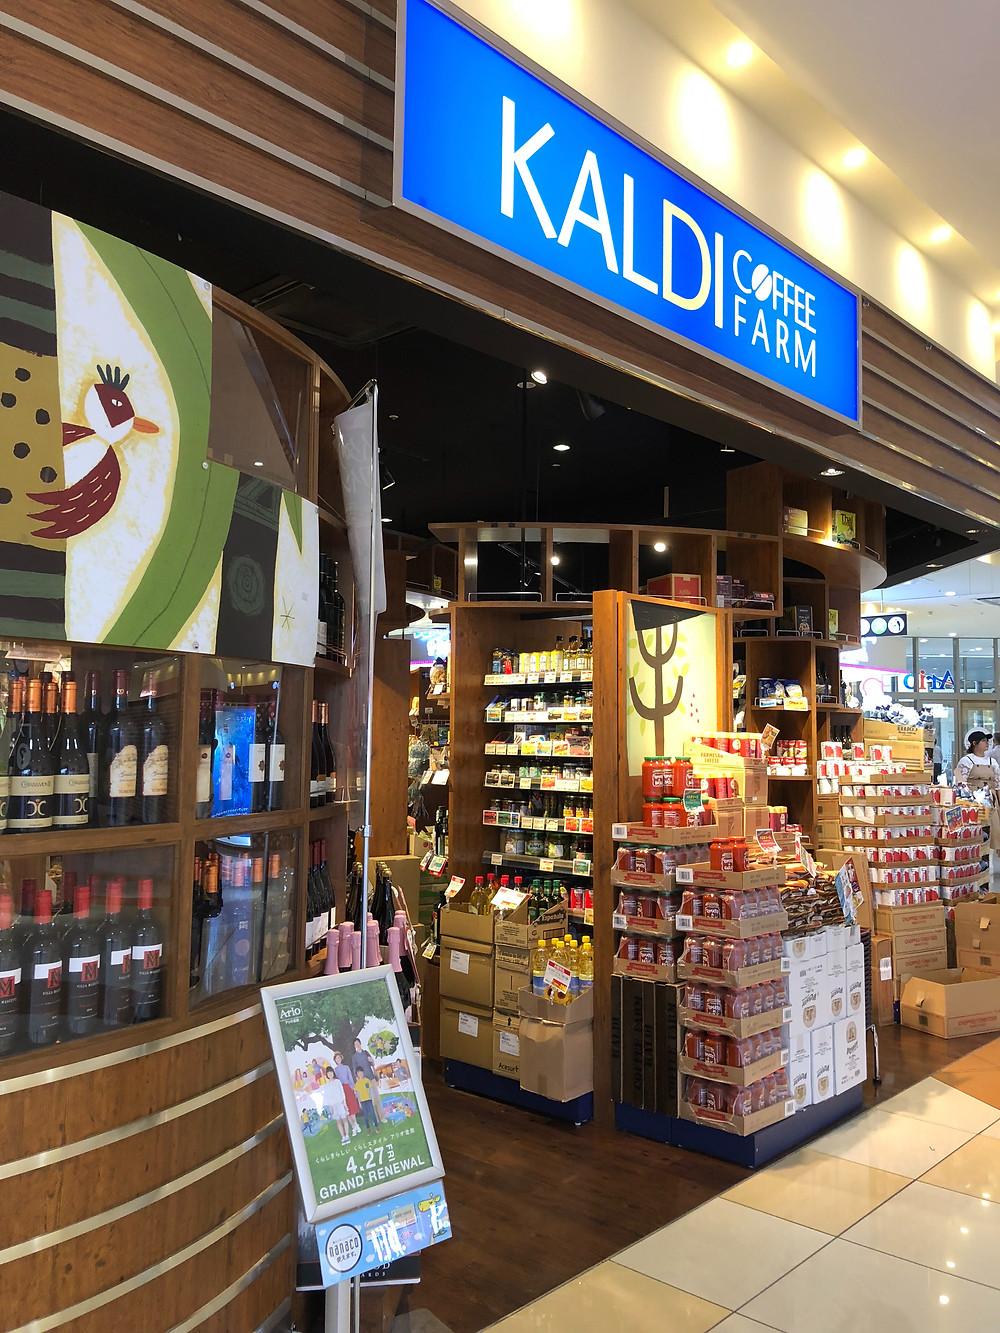 Kaldi in Ario shopping mall, Kurashiki